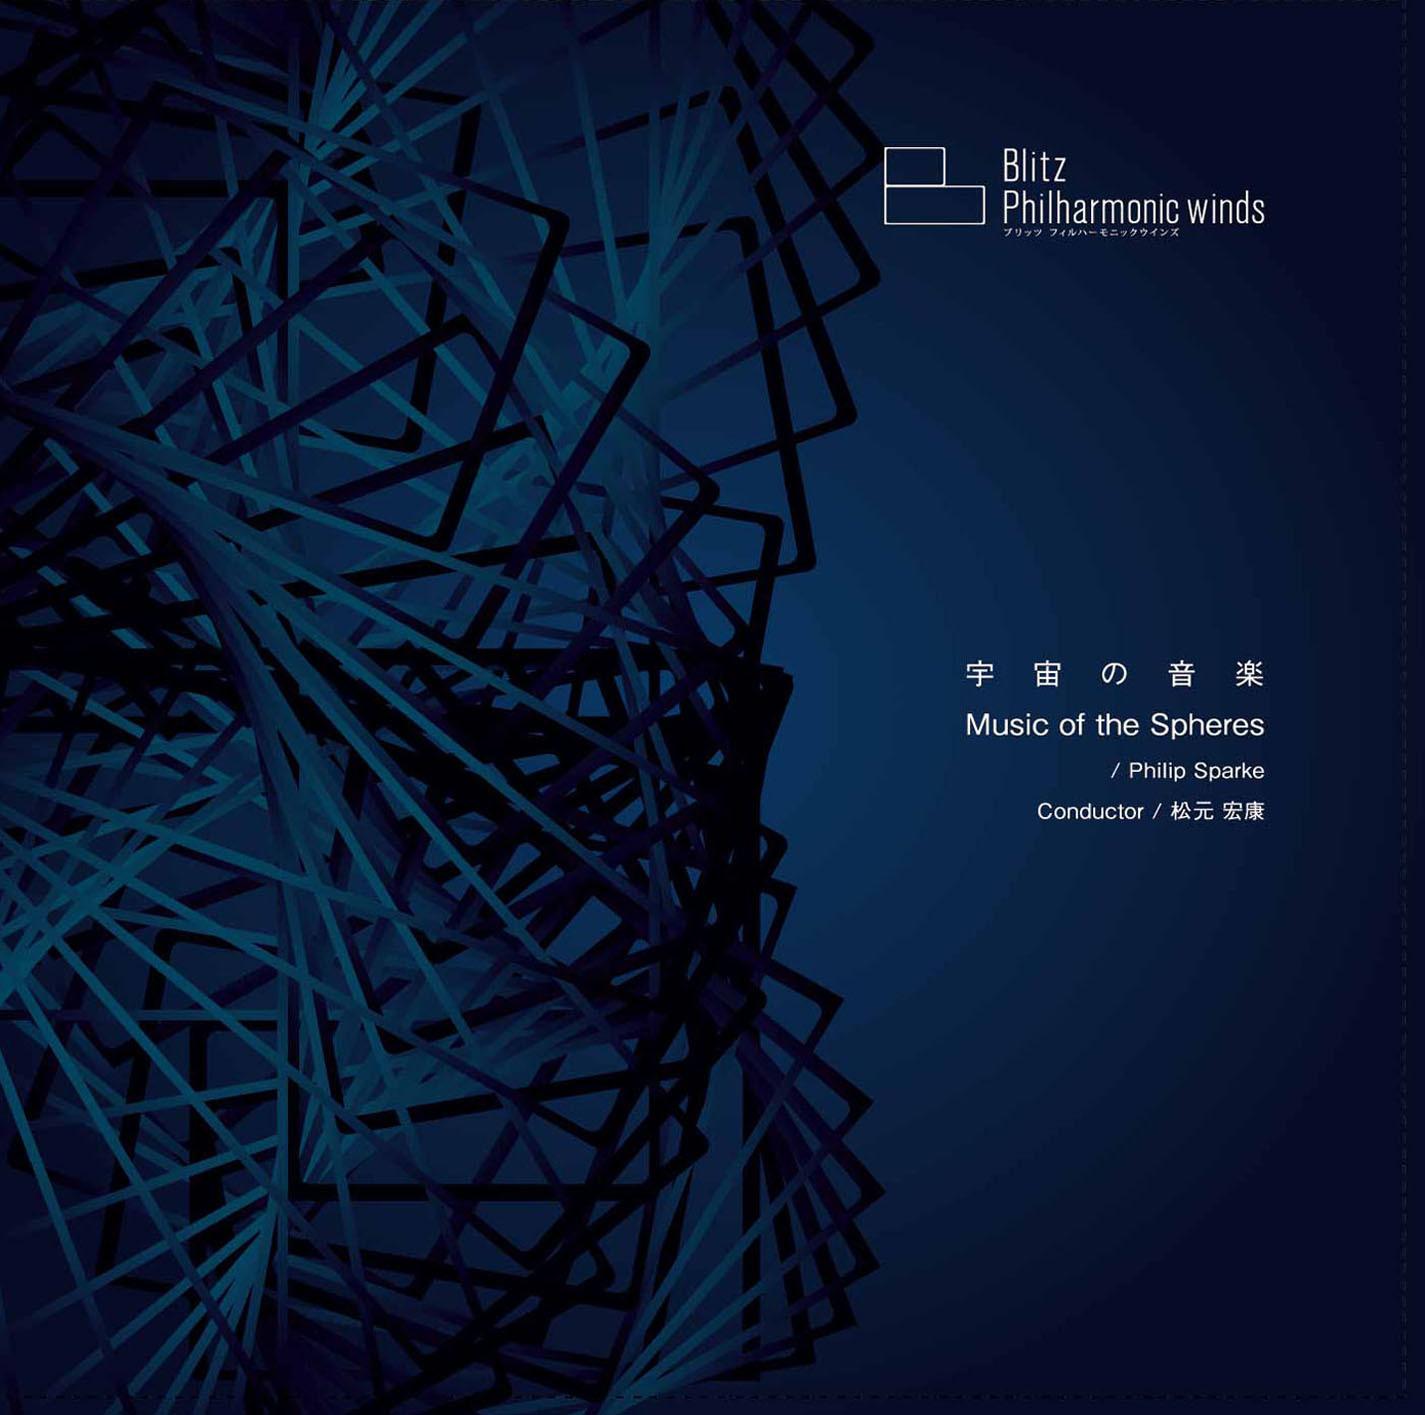 「宇宙の音楽」ブリッツフィルハーモニックウインズ(WKCD-0120)